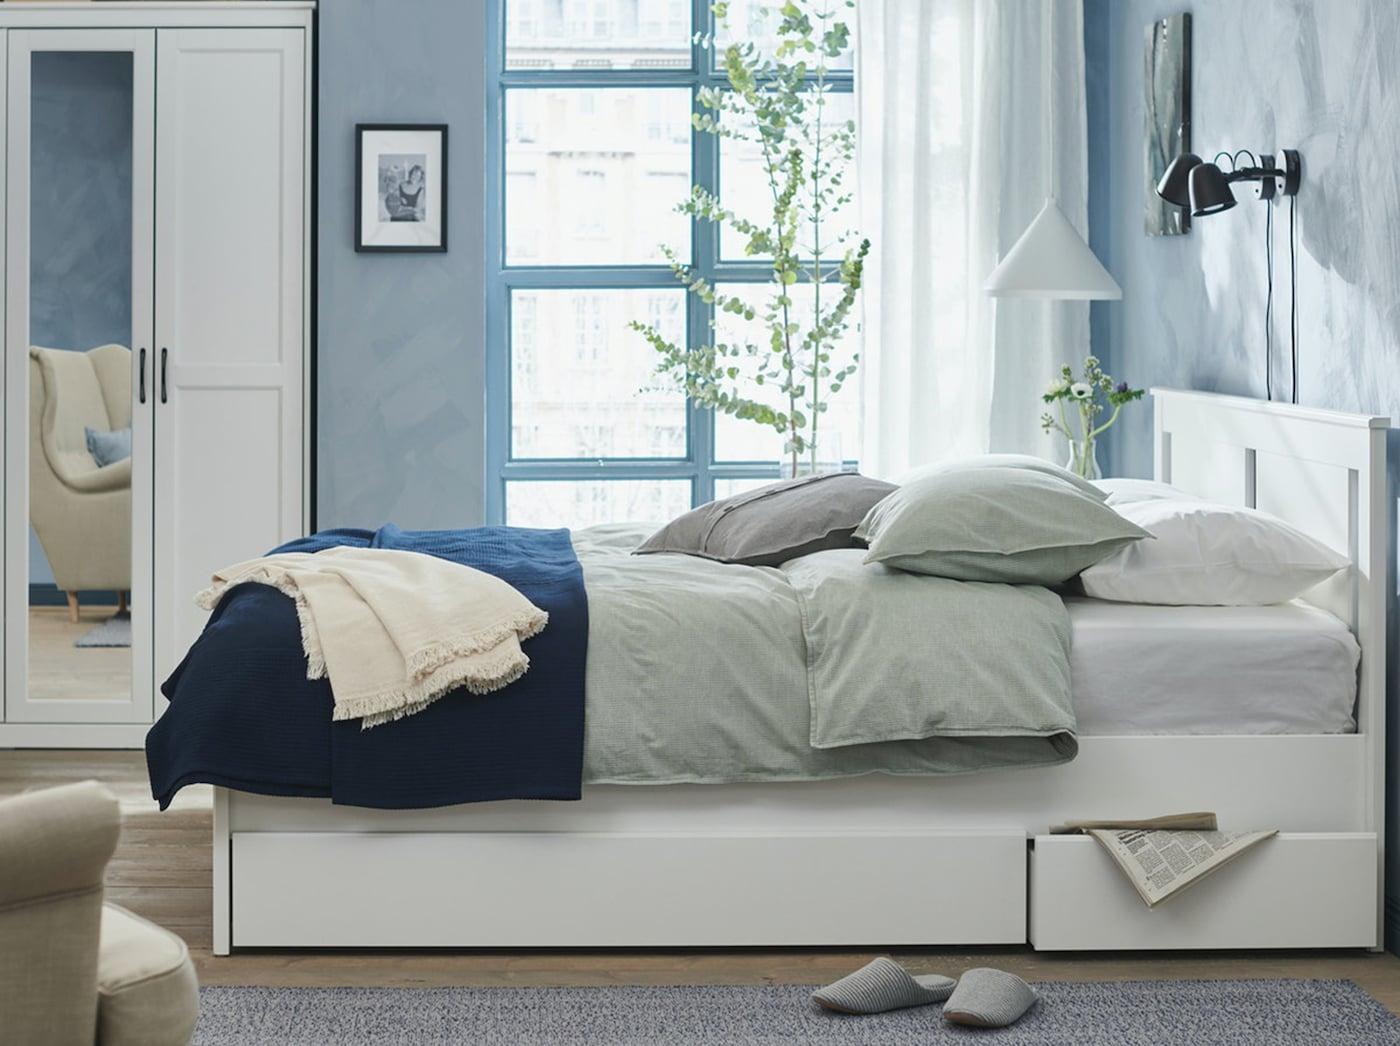 Кровать СОНГЕСАНД с ящиками для хранения